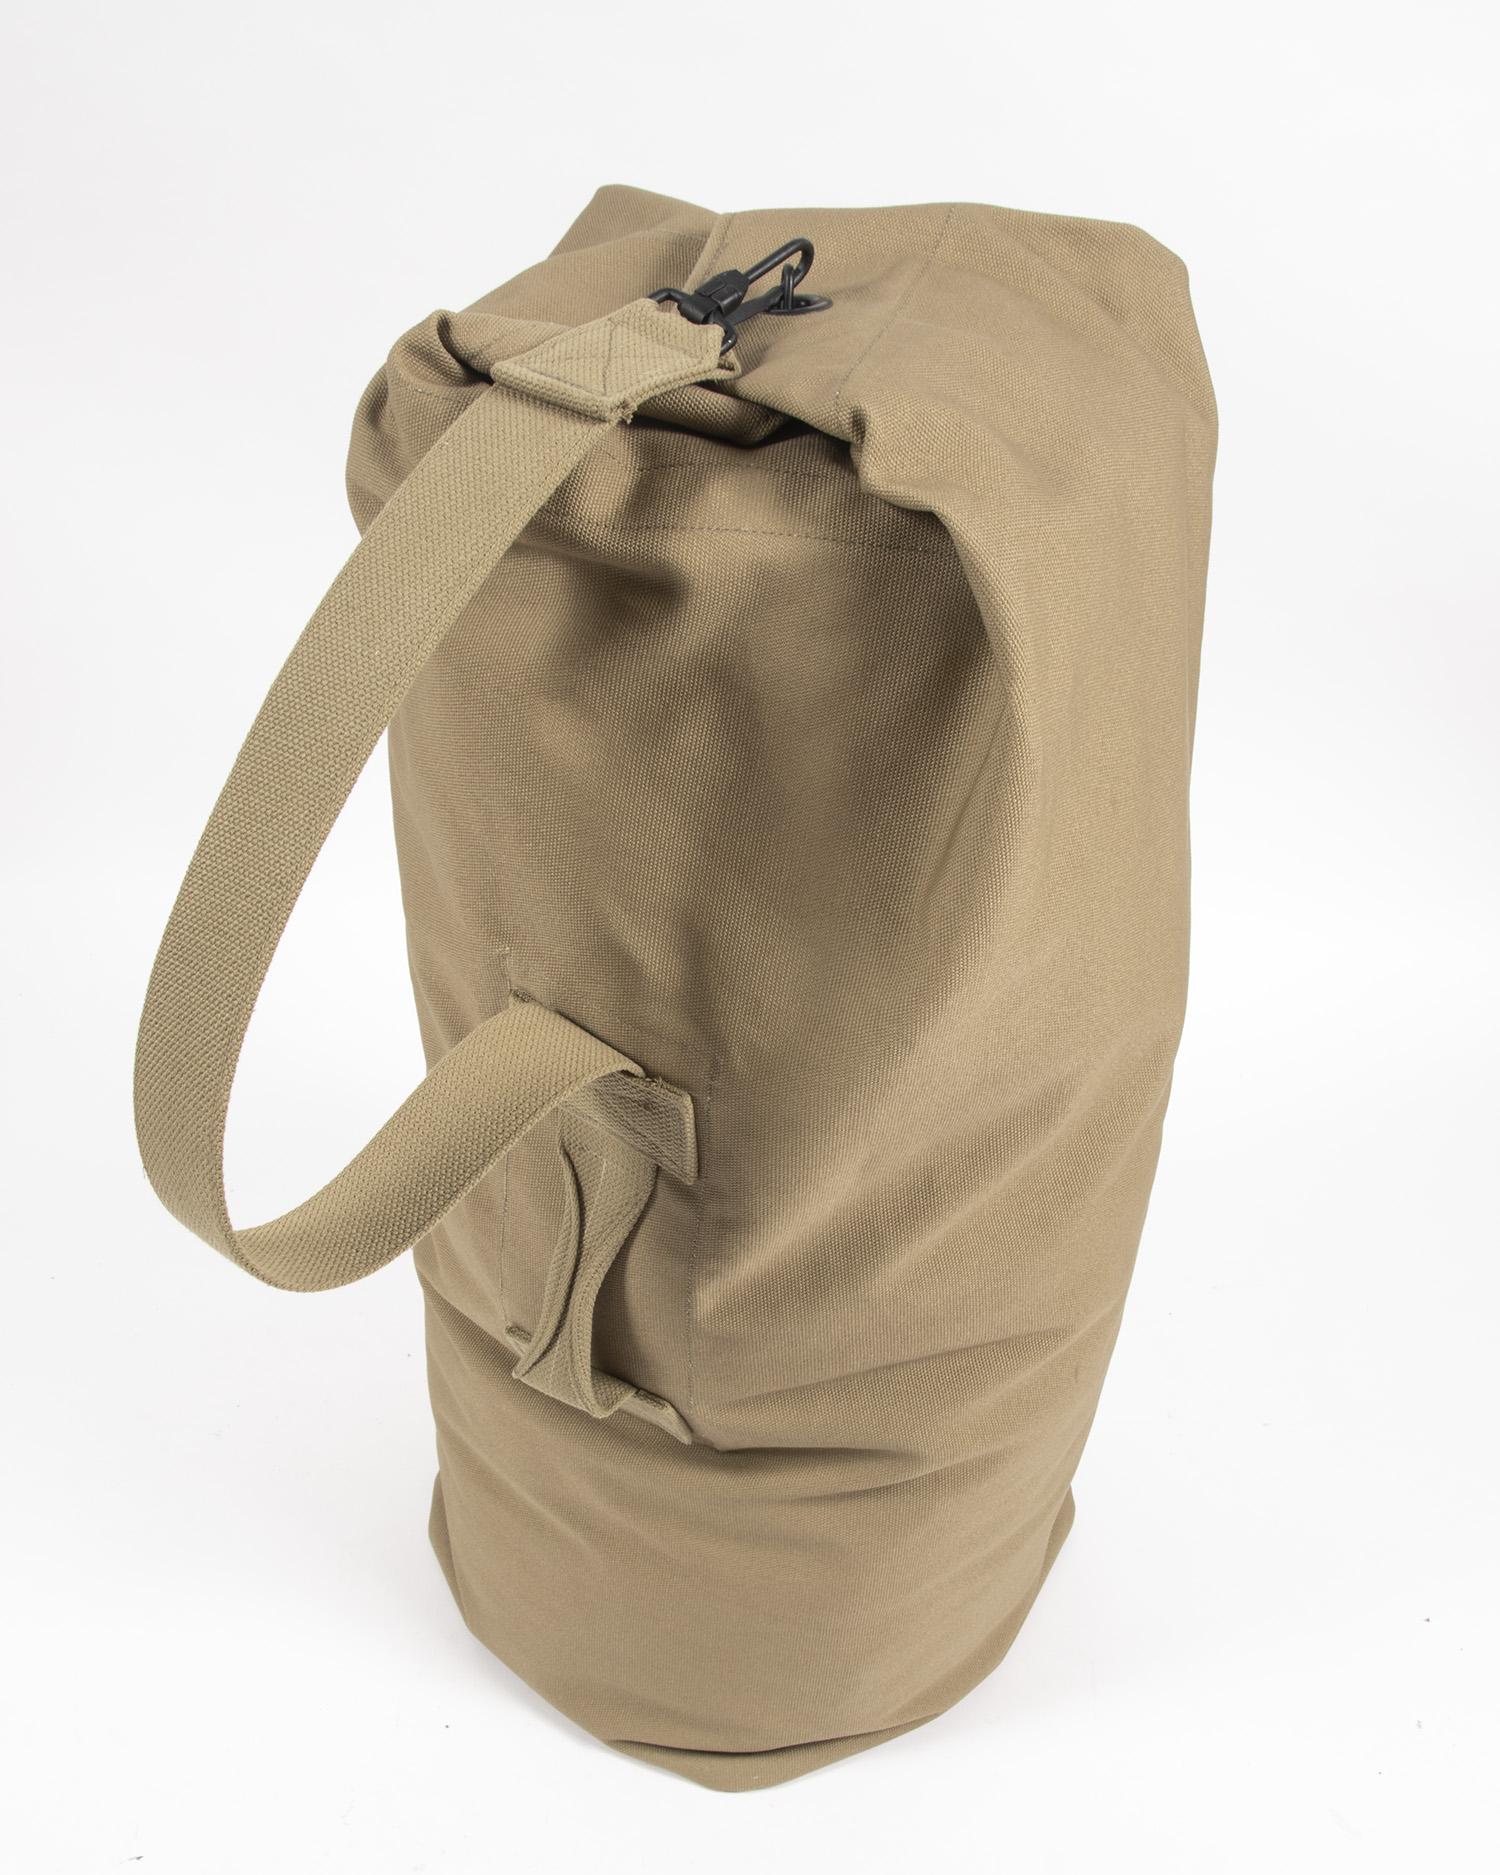 Army Issued Canvas Duffle Bag World War II